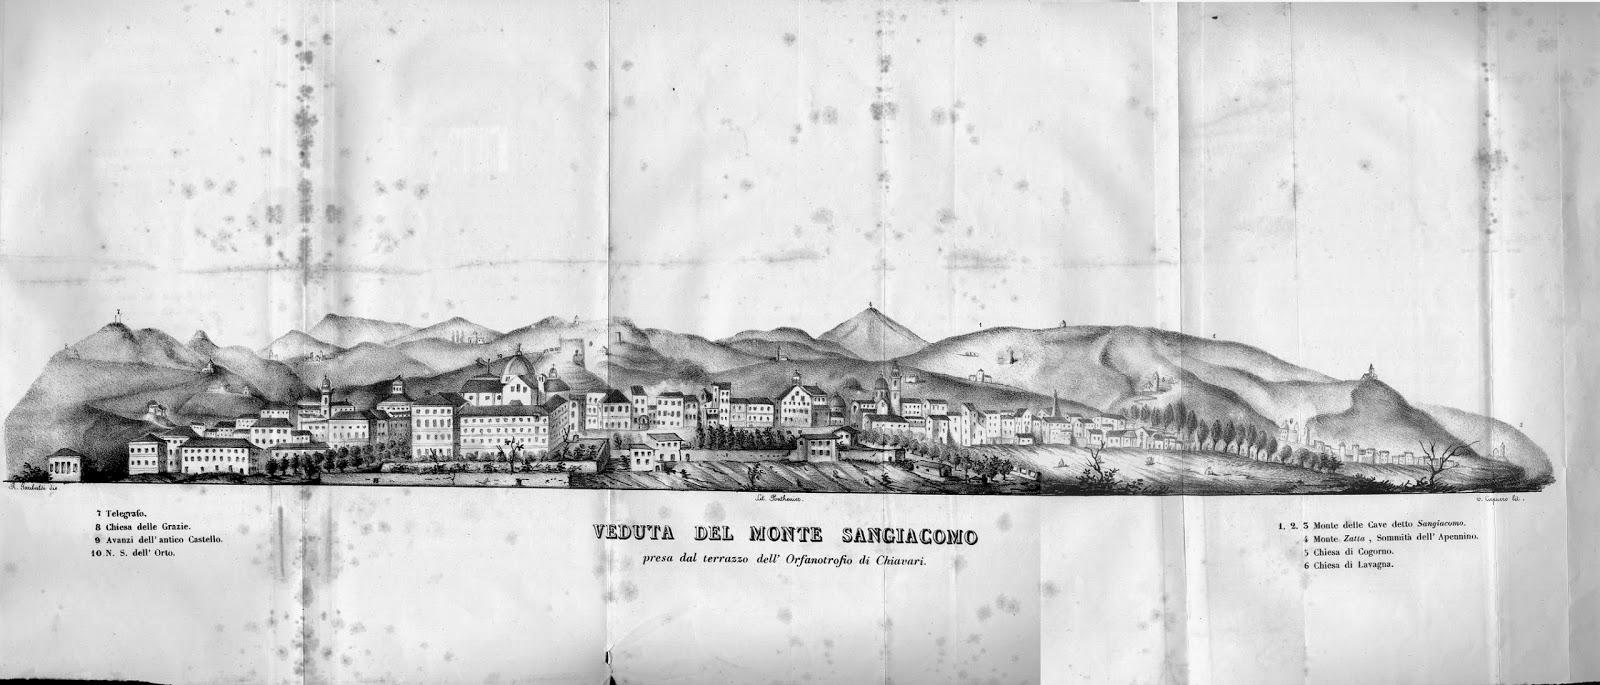 La Pietra Della Lavagna geoitaliani: 1838: un viaggio geologico con nicolò della